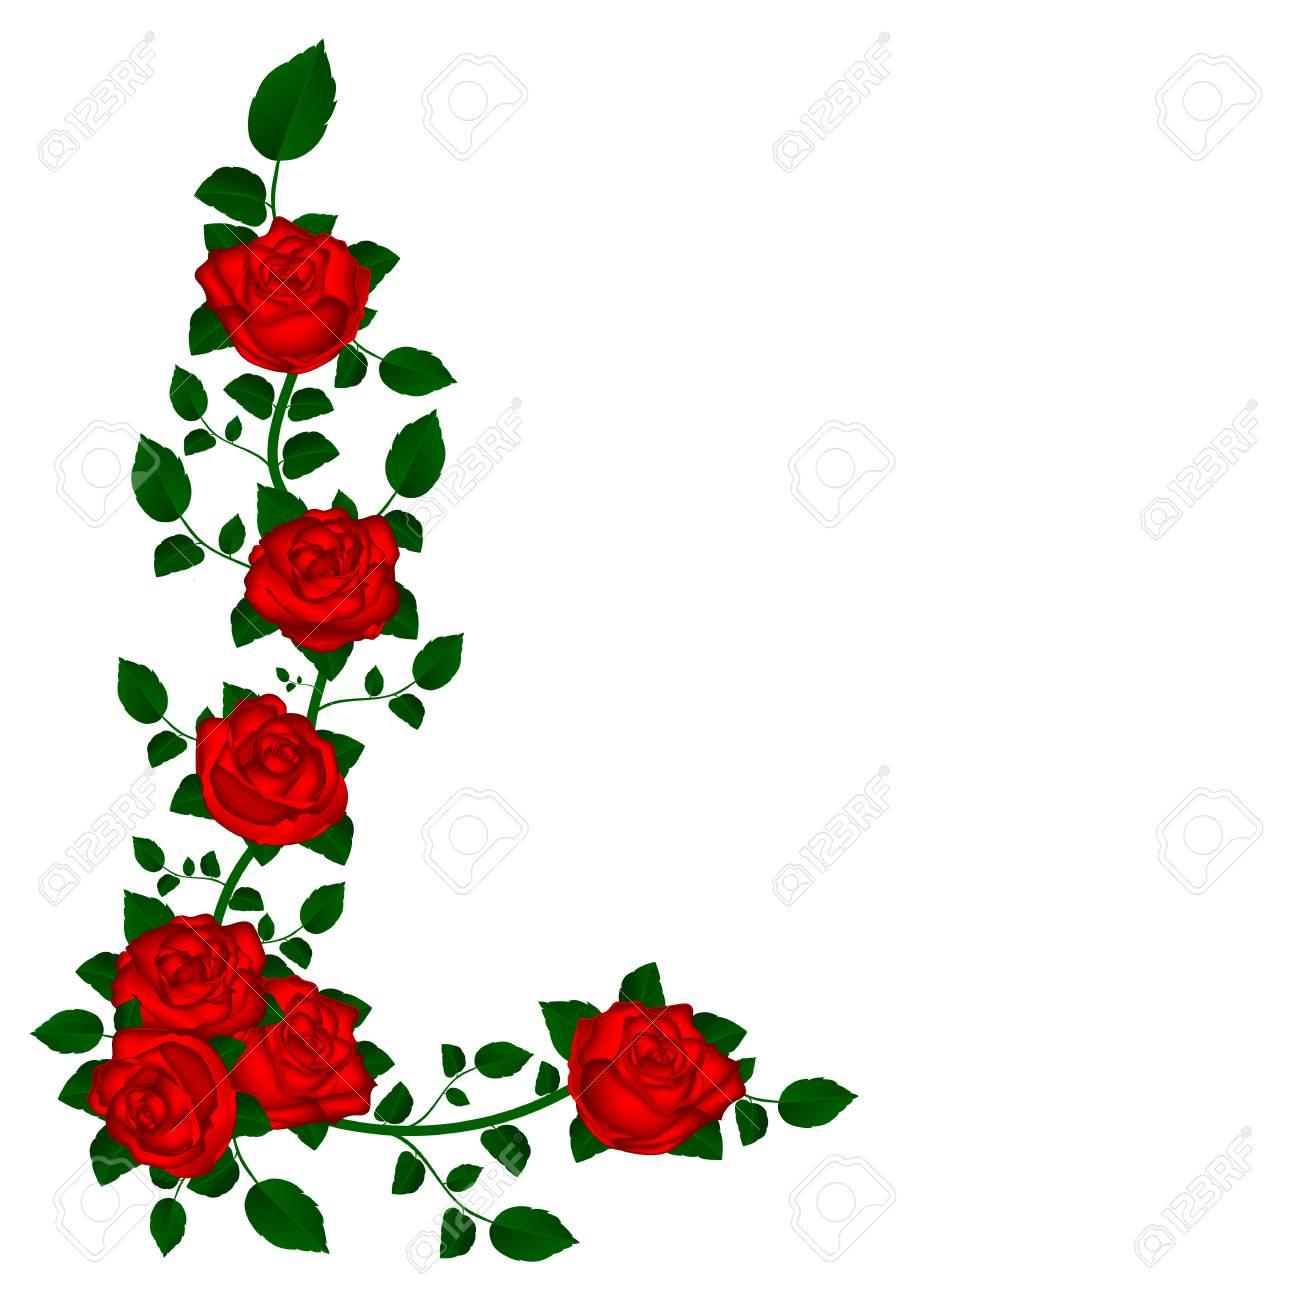 Enredadera De Rosas Ilustración Vectorial Rojo De Las Flores